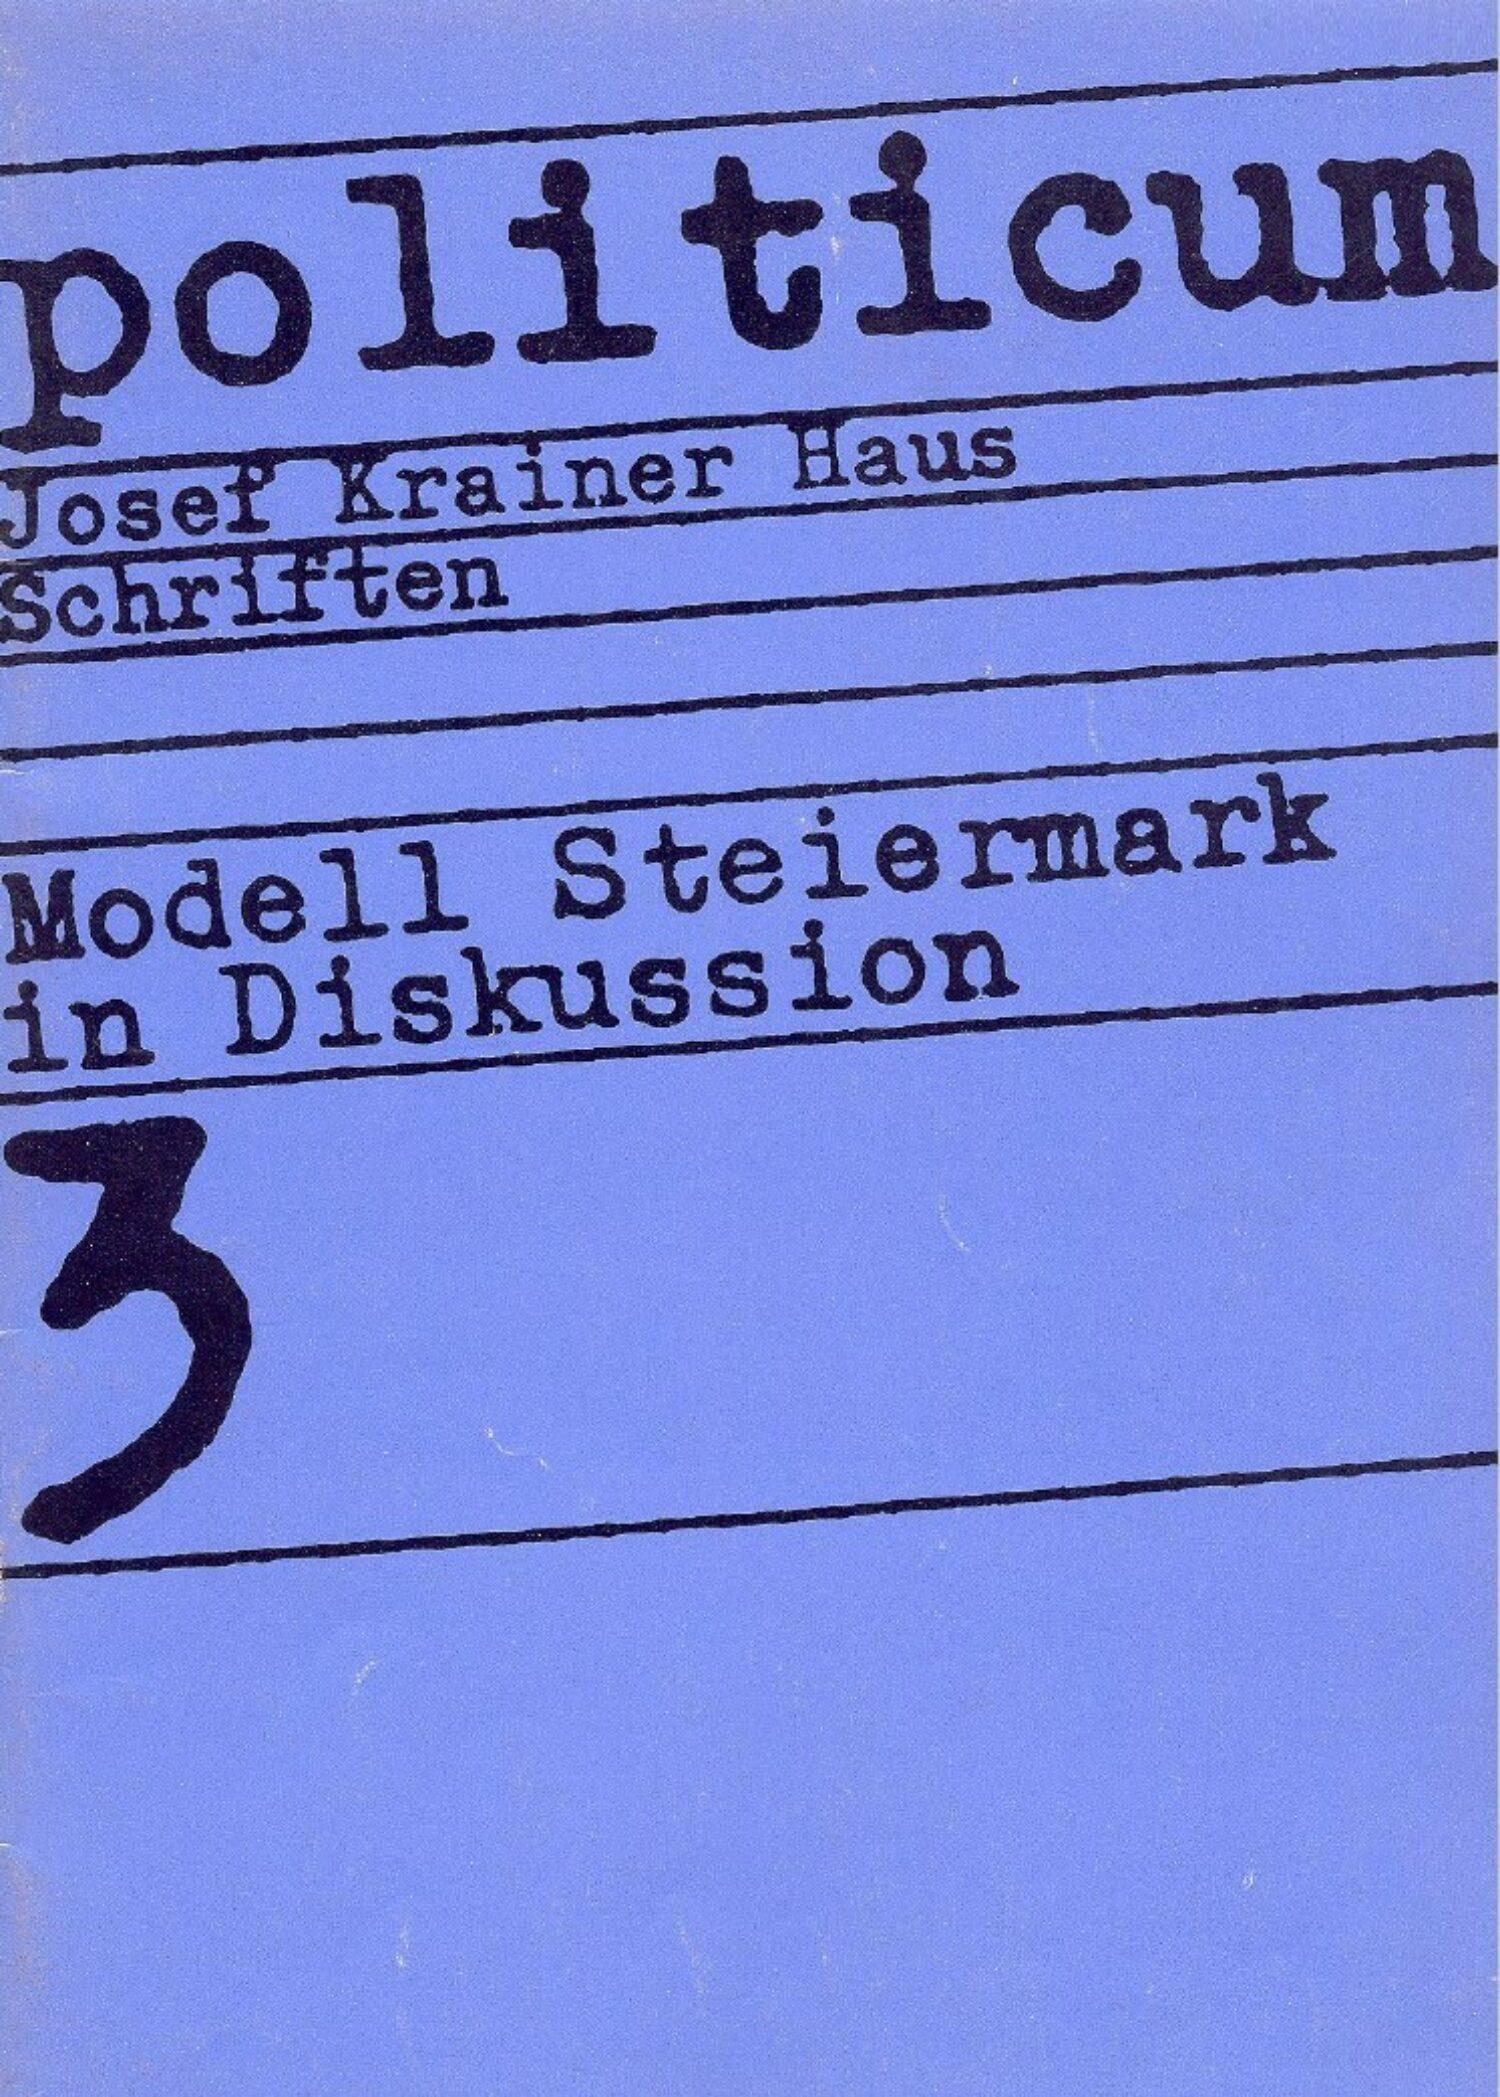 Modell Steiermark in Diskussion, politicum 3, 1981  © Verein für Politik und Zeitgeschichte in der Steiermark